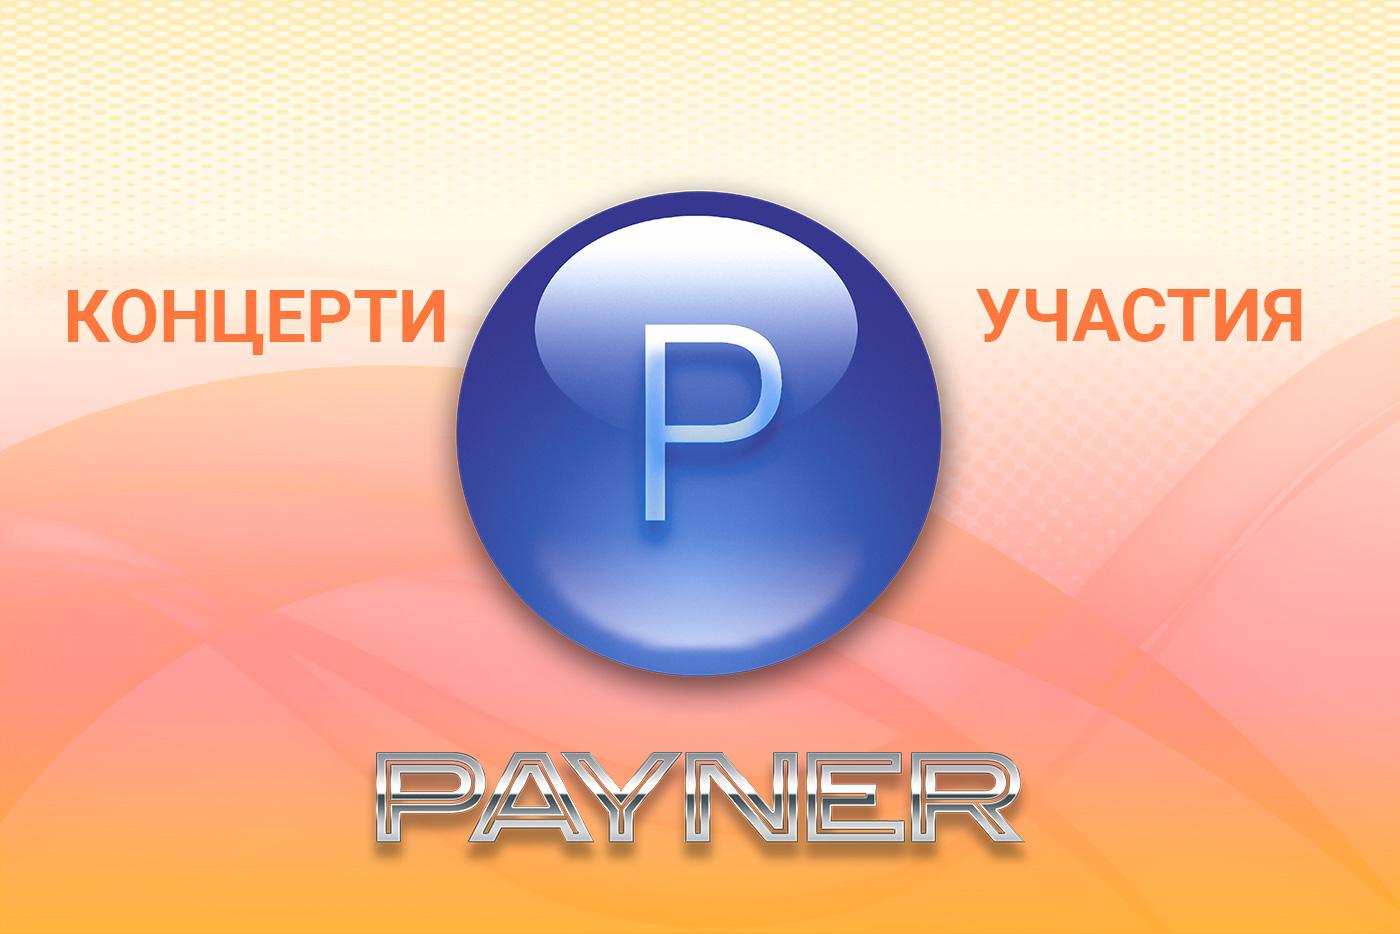 """Участия на звездите на """"Пайнер"""" на 10.07.2020"""